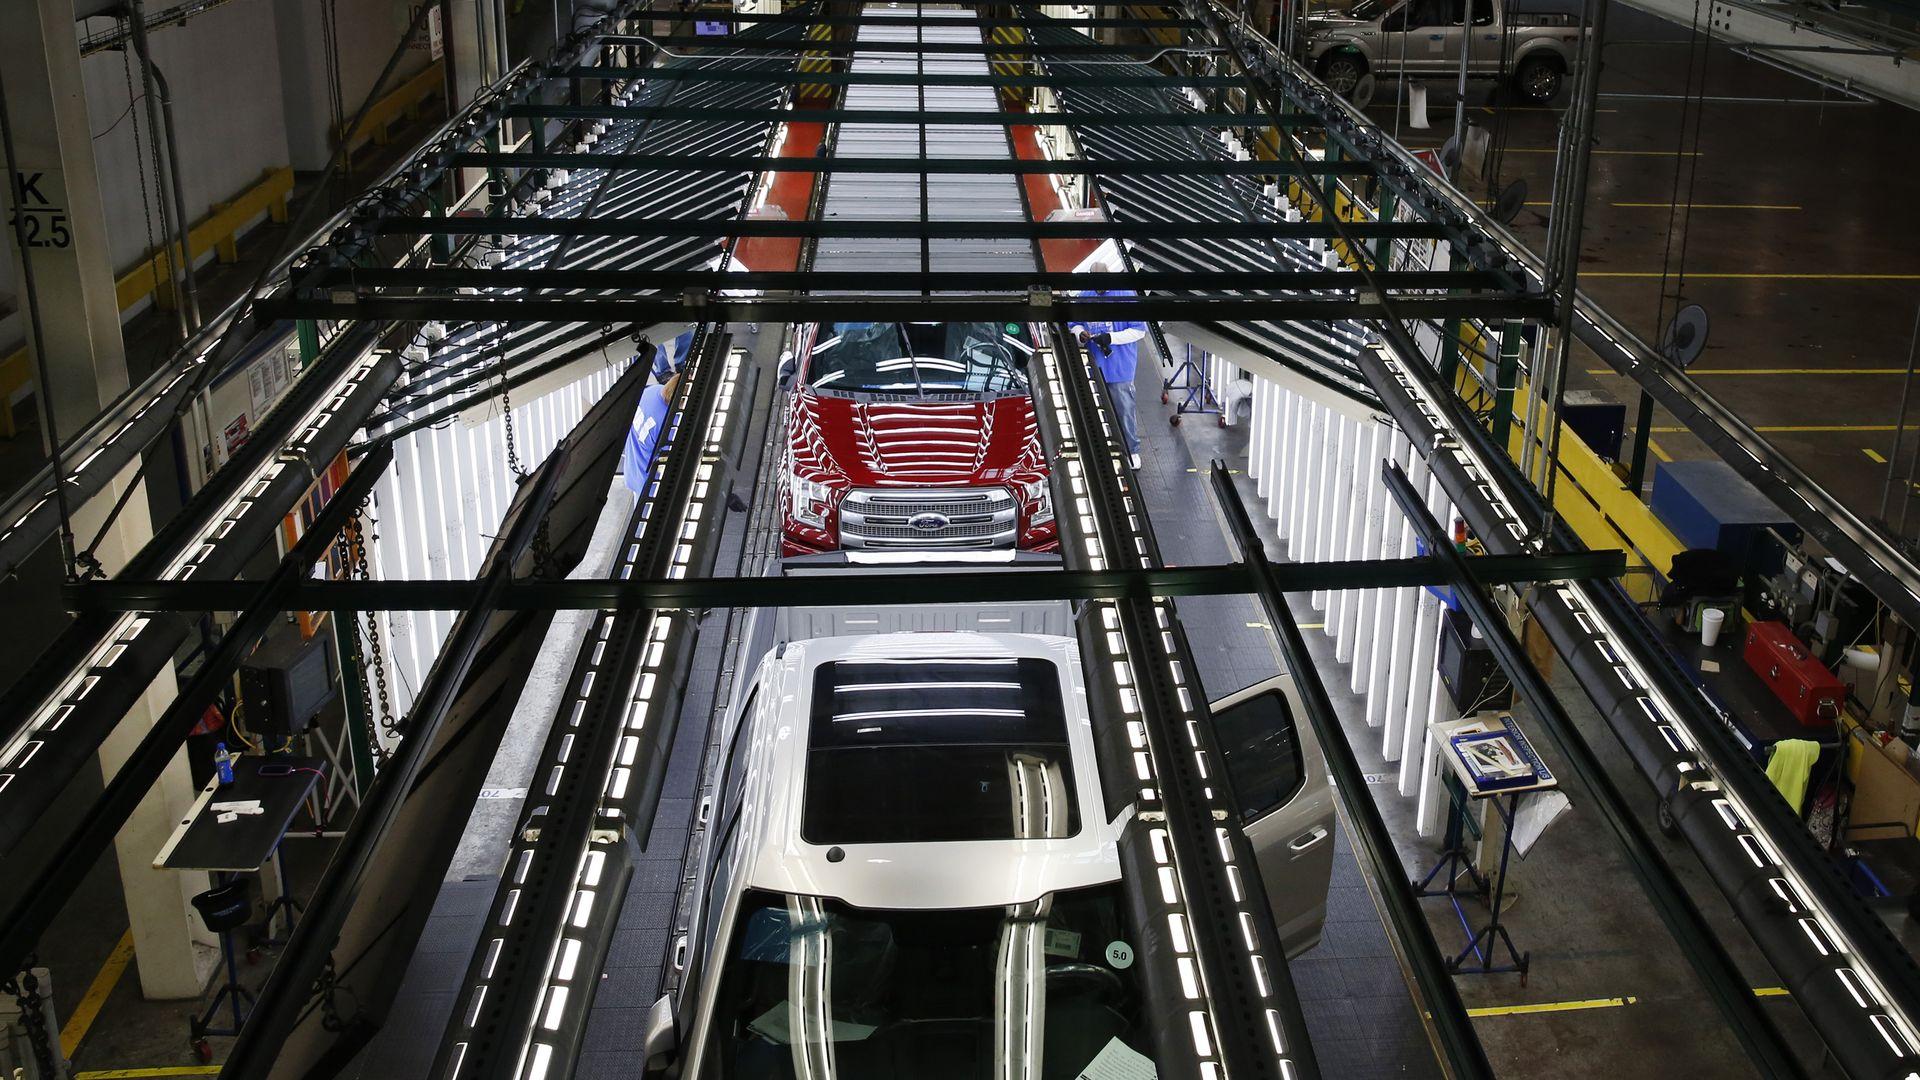 Ford F-150 trucks